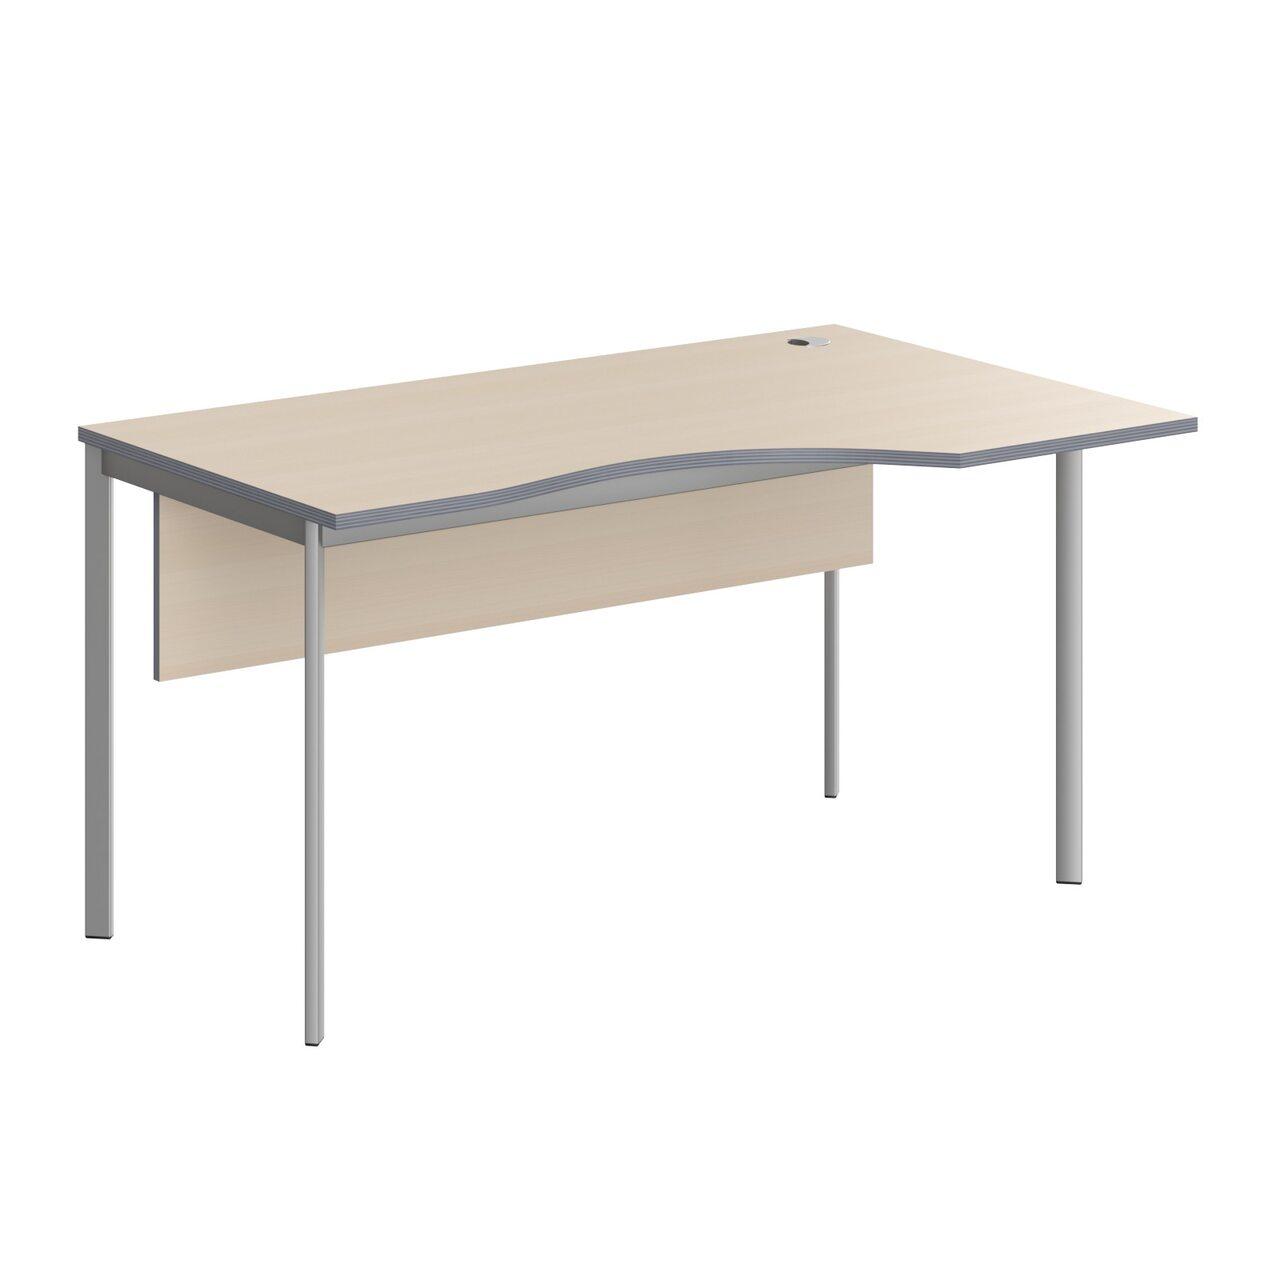 Стол эргономичный с фронтальной панелью  IMAGO-S 90x140x76 - фото 5